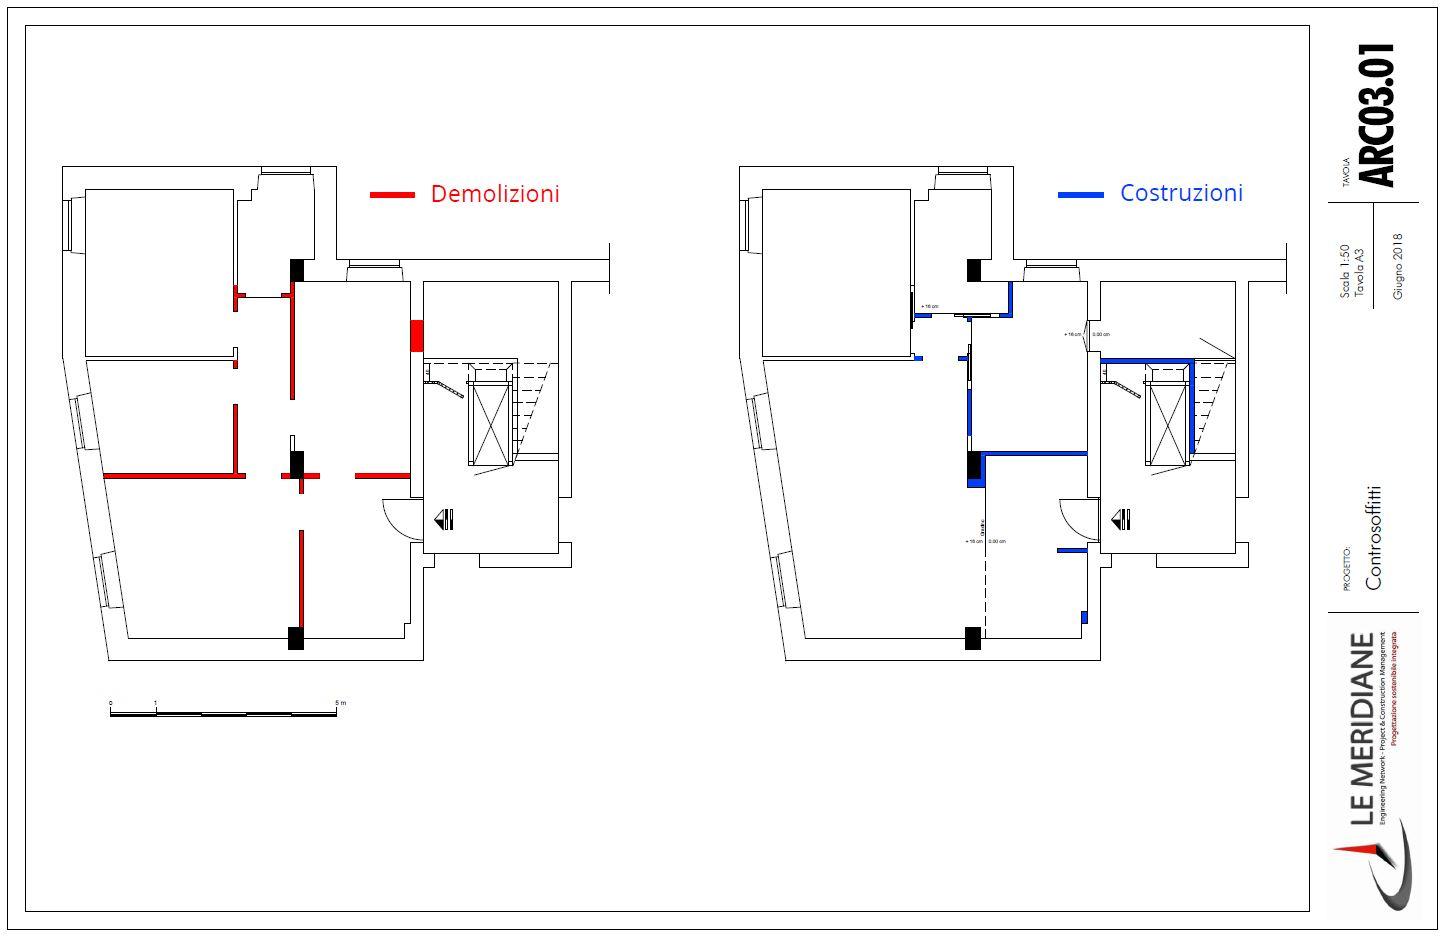 DELF0202 Distribuzione ambienti